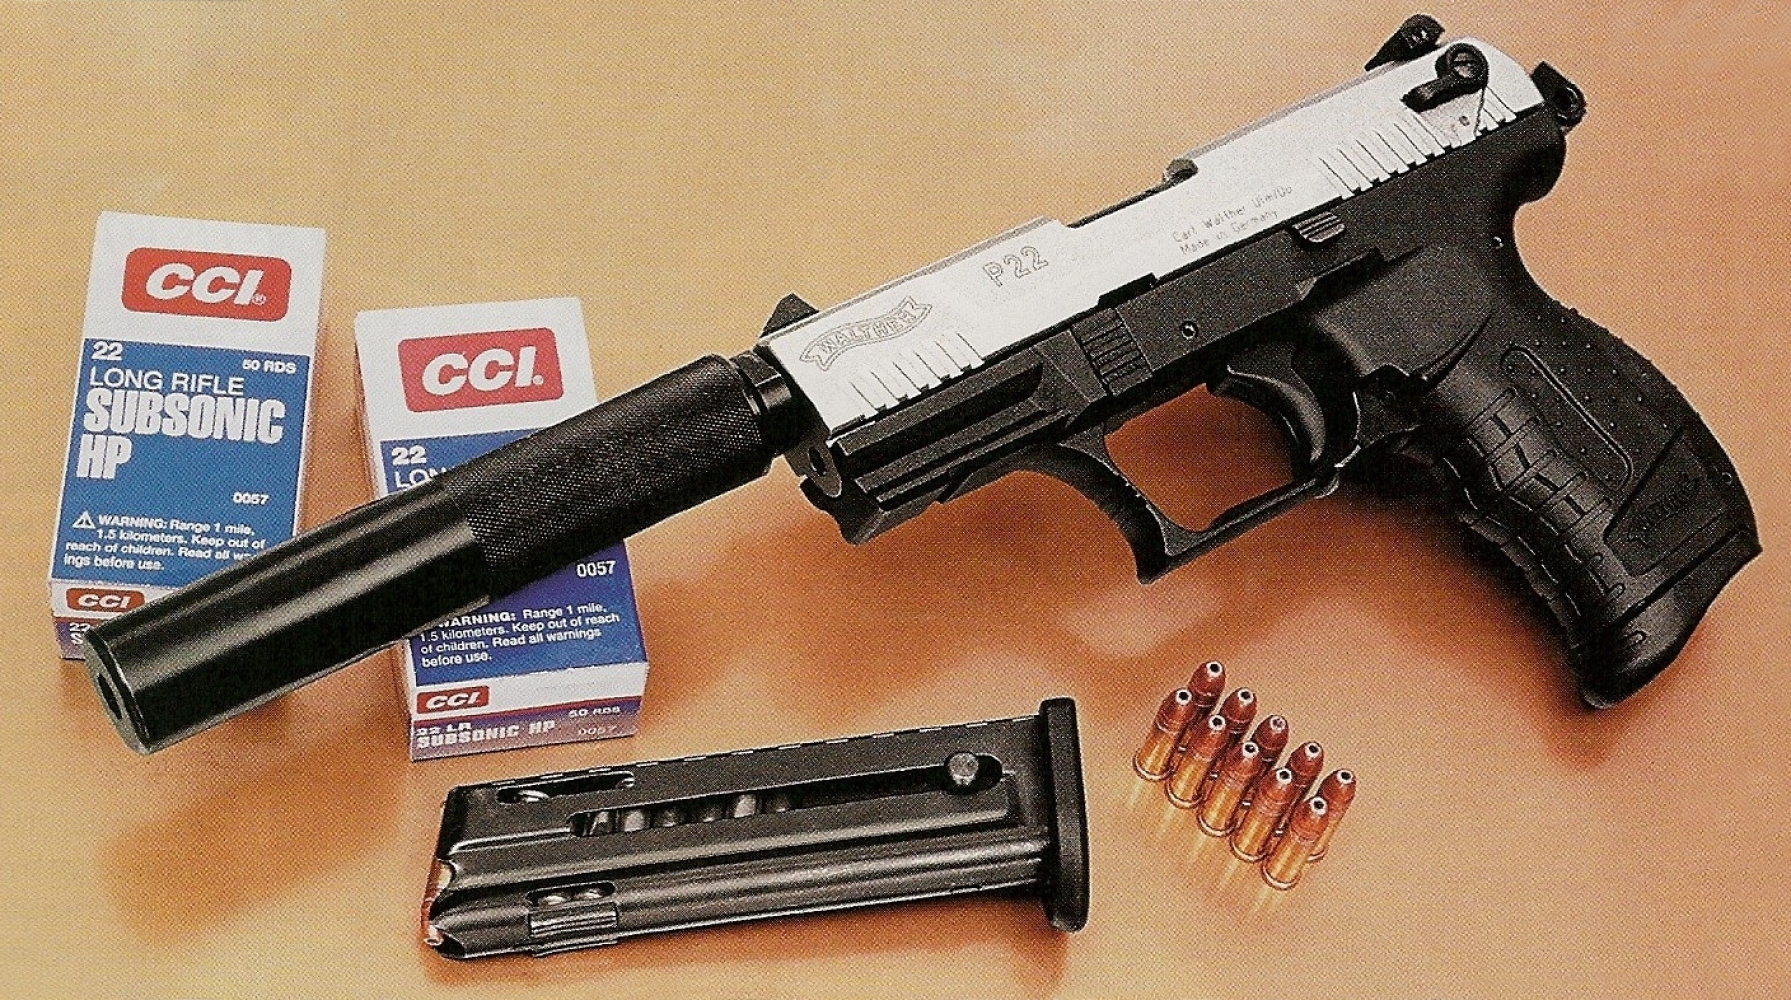 Les munitions subsoniques CCI présentent l'avantage d'offrir un fonctionnement irréprochable dans ce pistolet, qu'il soit ou non équipé du silencieux.